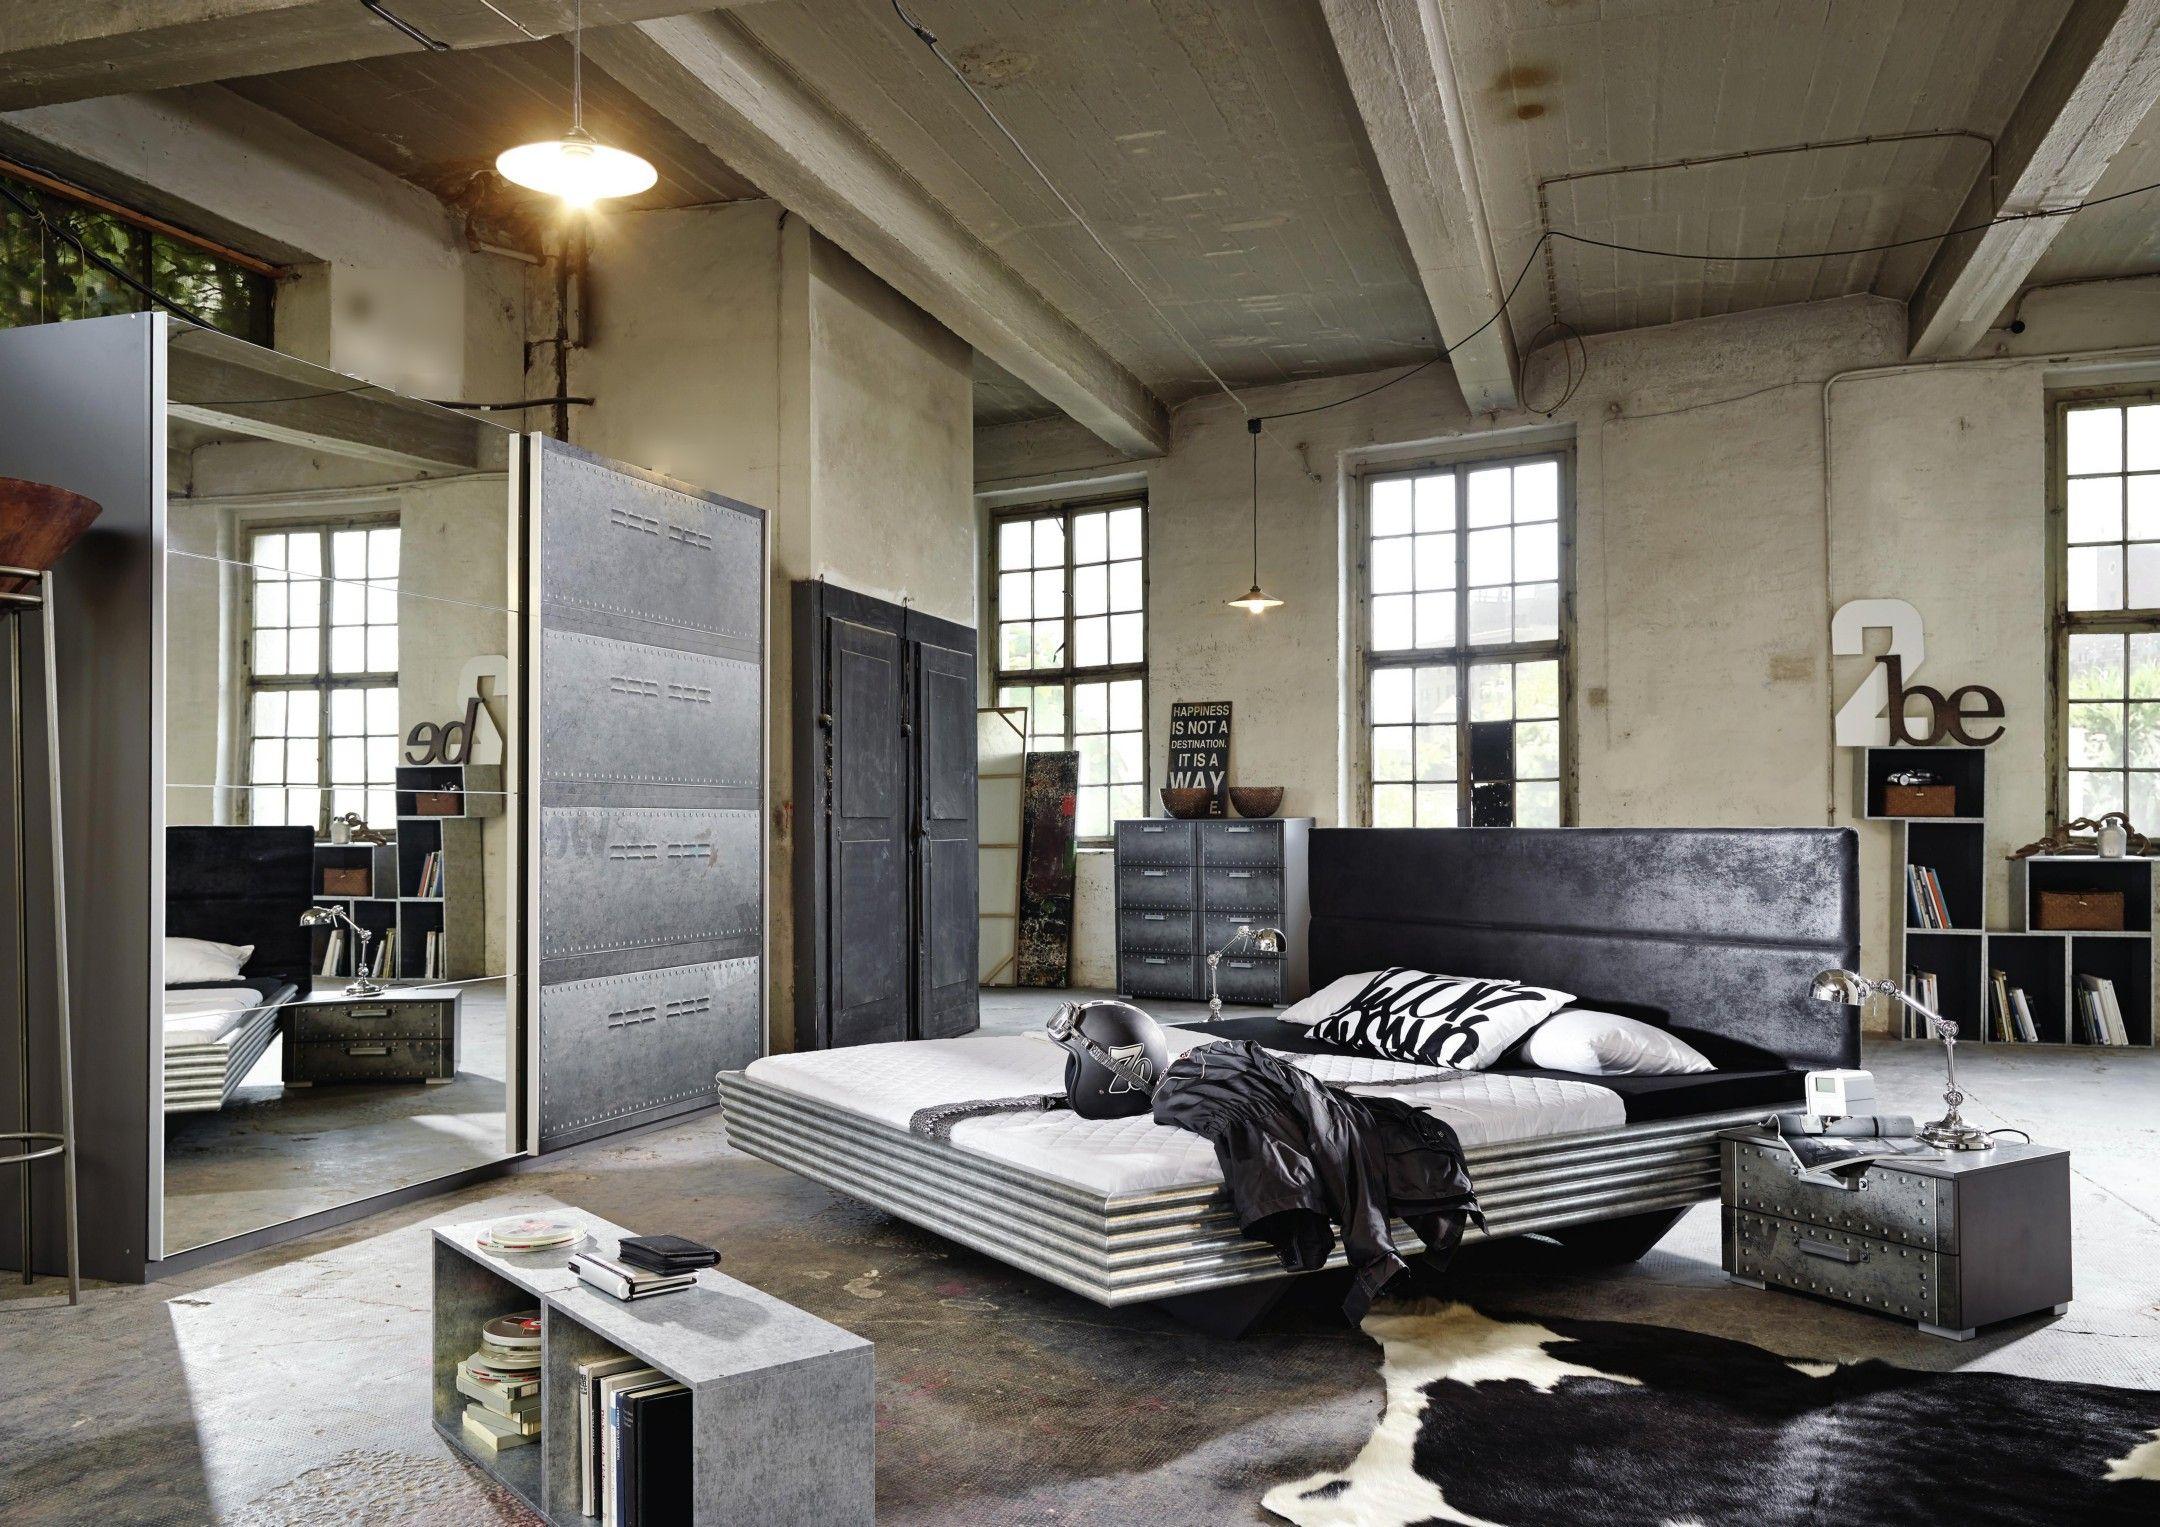 Jugendzimmer Mit Bett 140 X 200 Cm Industrial Print Optik Graphit Woody 127 00117 Woody Mobel Zimmer Dunkles Schlafzimmer